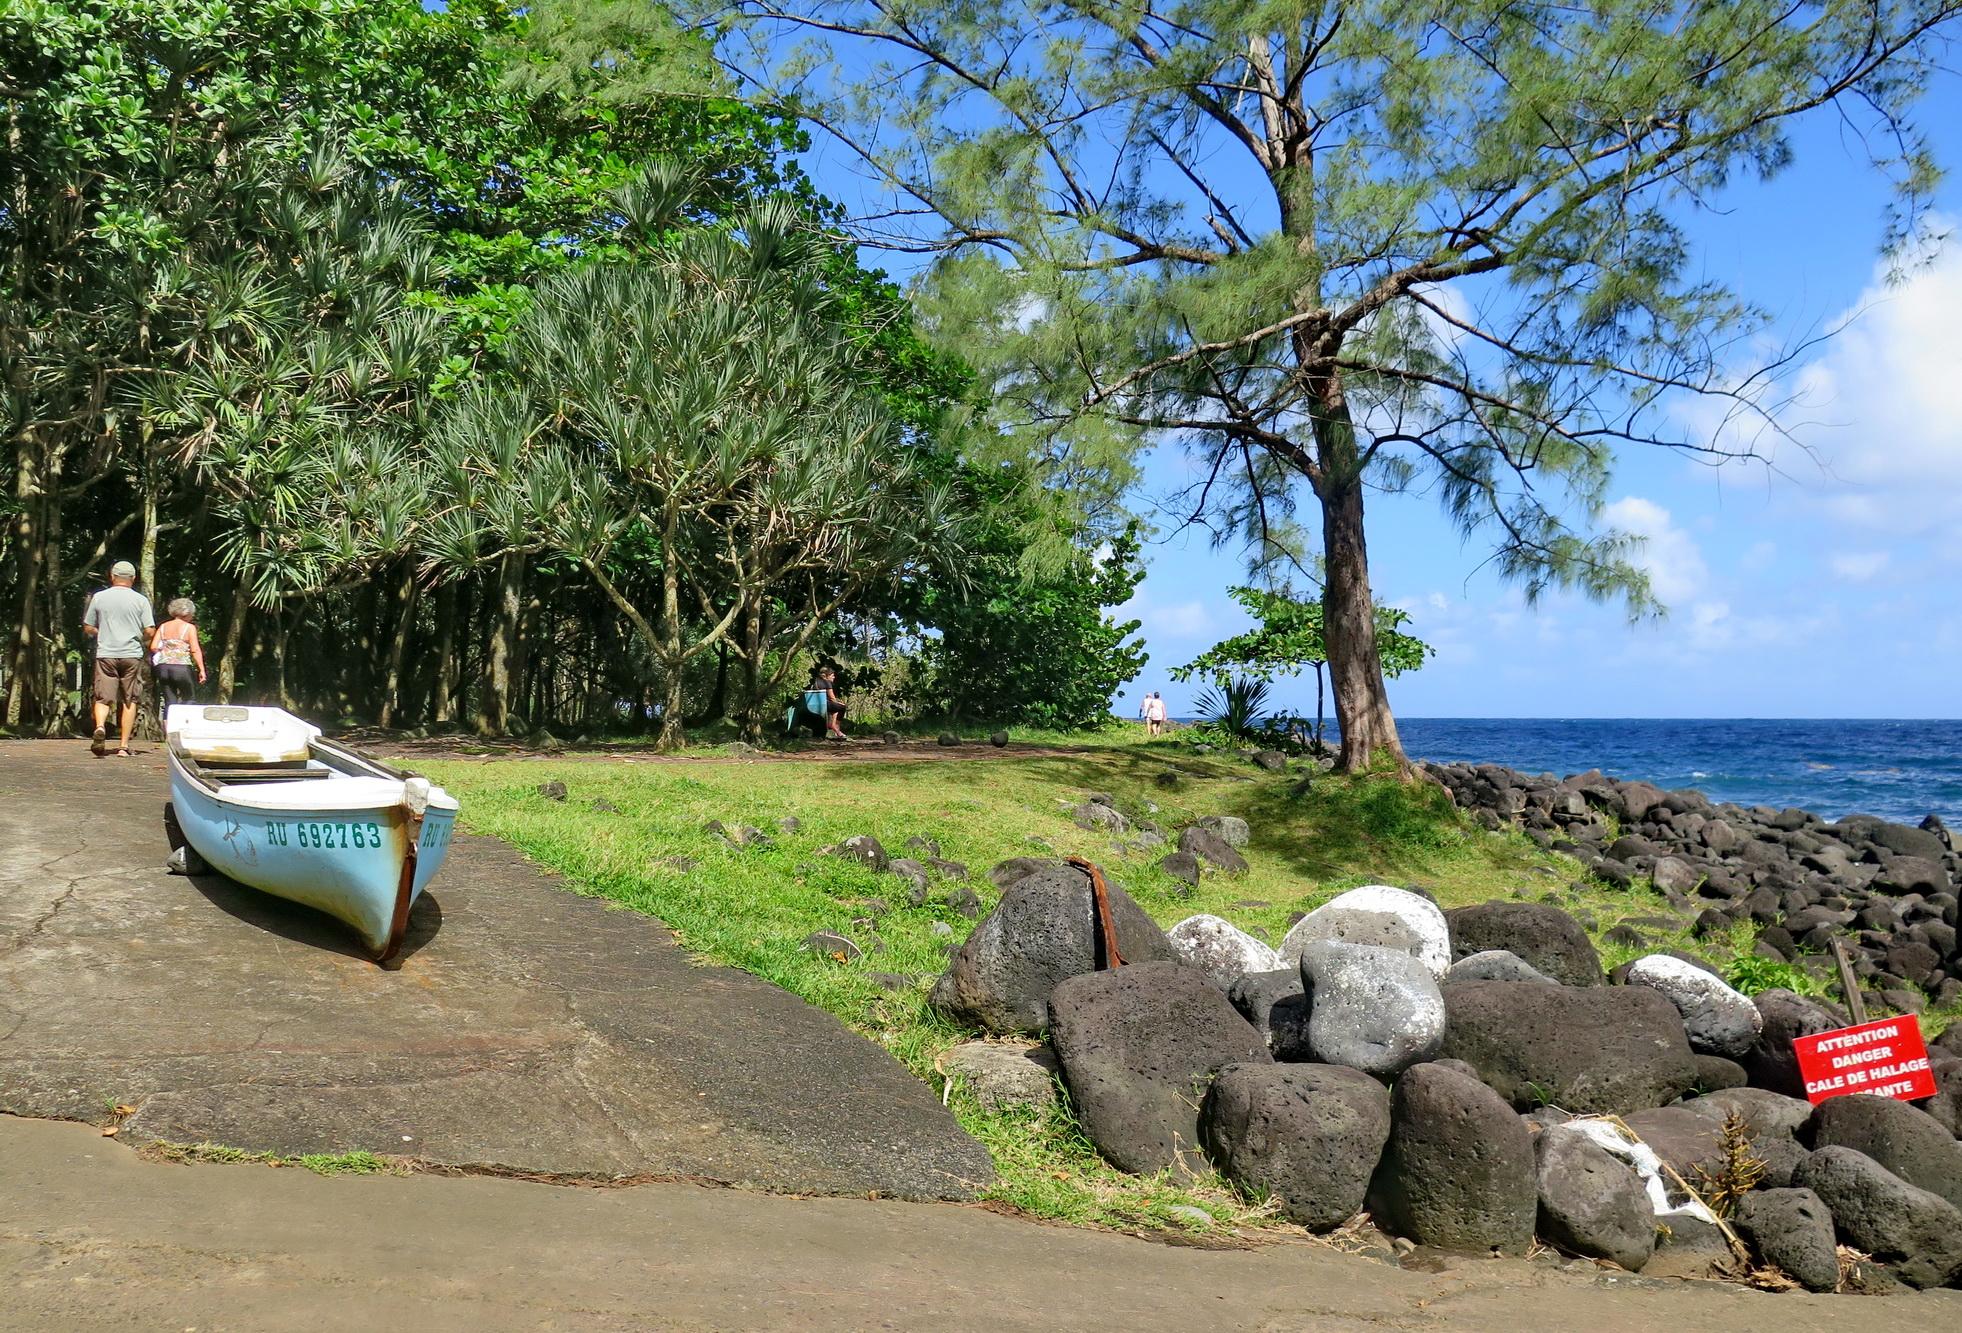 [Vie des ports] Les ports de la Réunion - Page 5 949947stjosephsterosedernierjour277